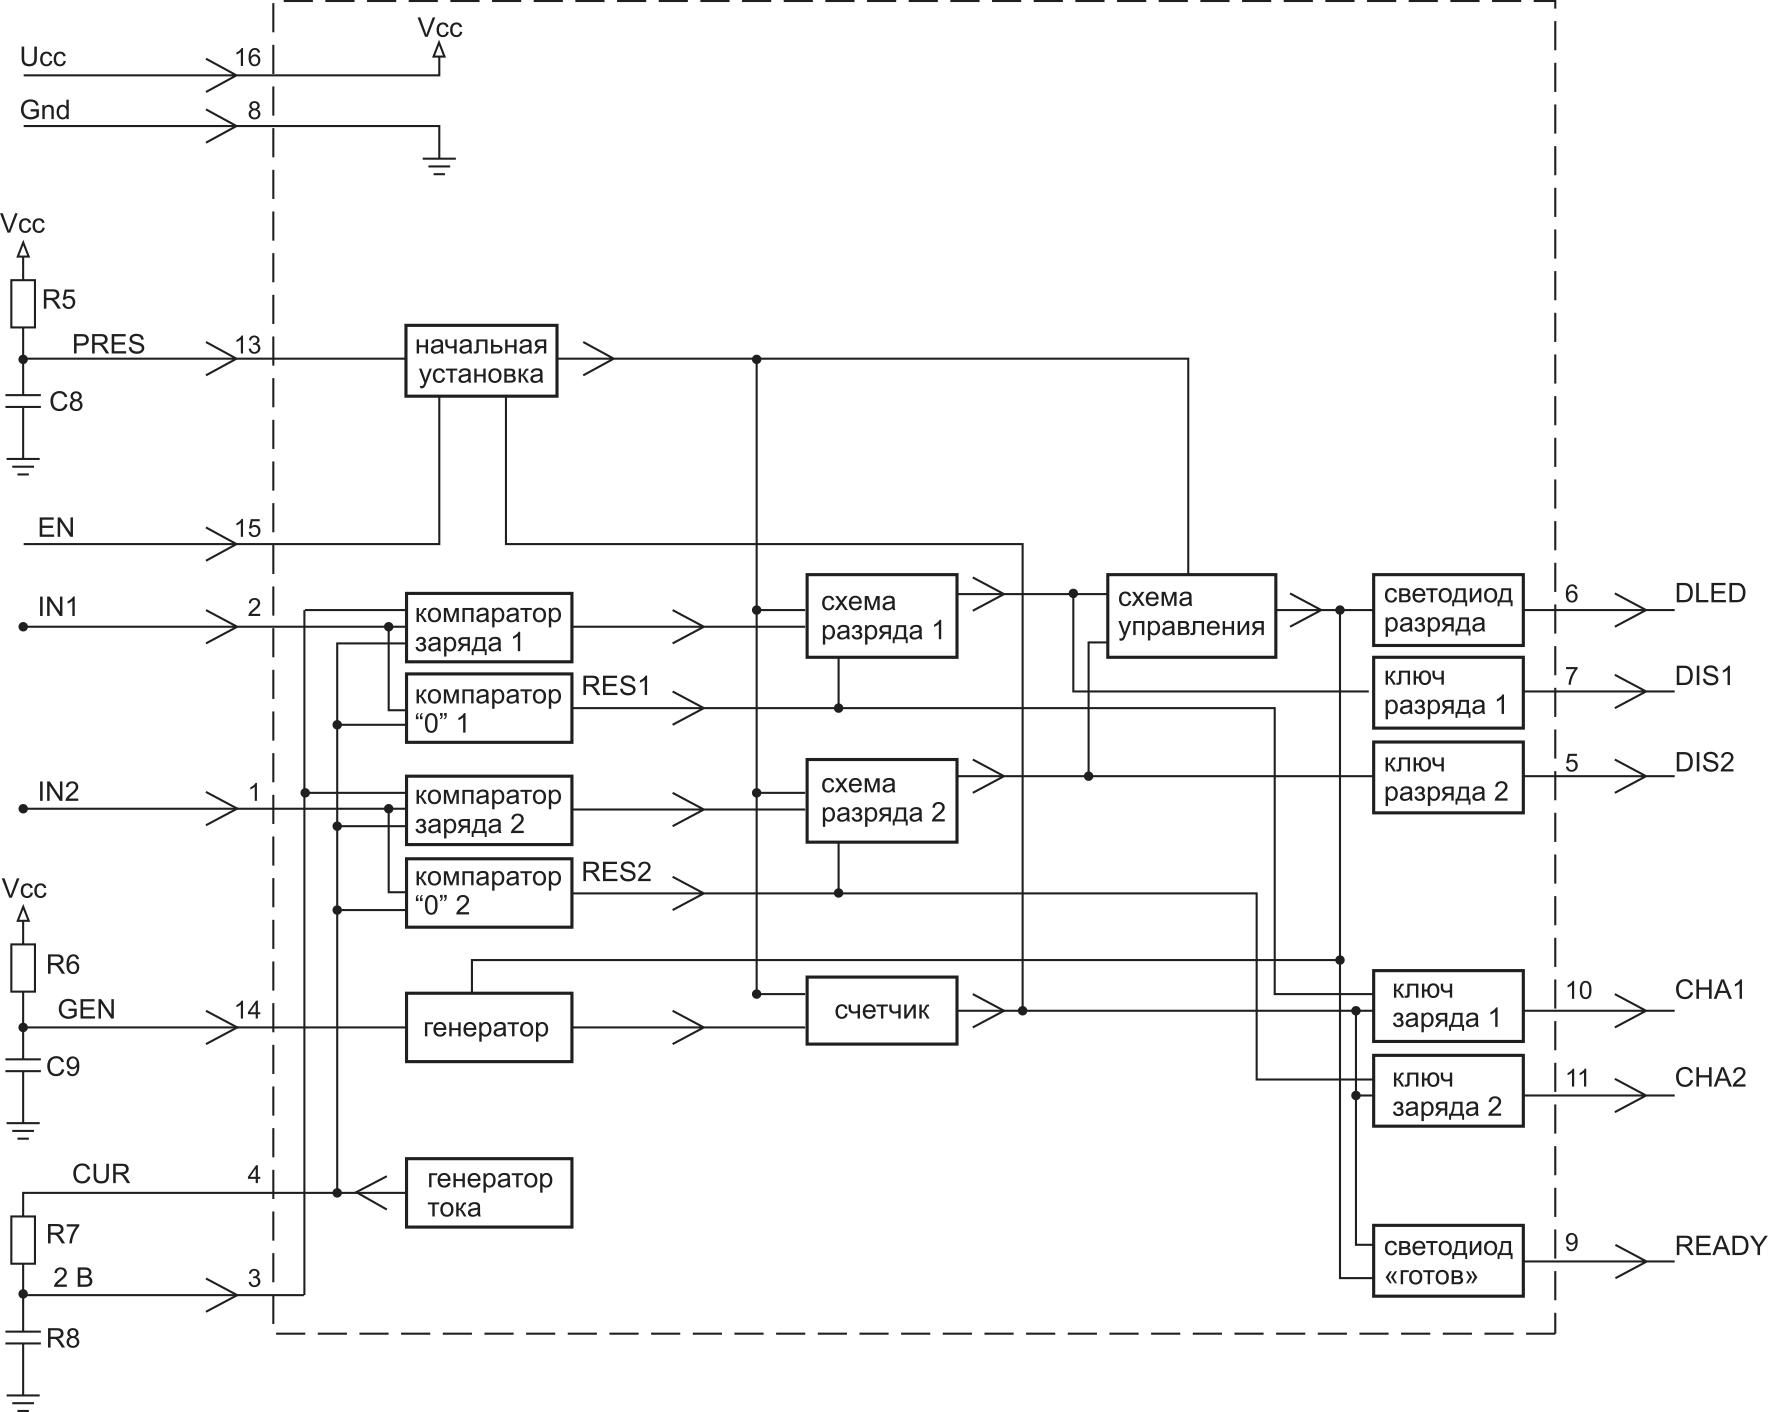 Структурная схема микросхемы К1580ХМ3-0048